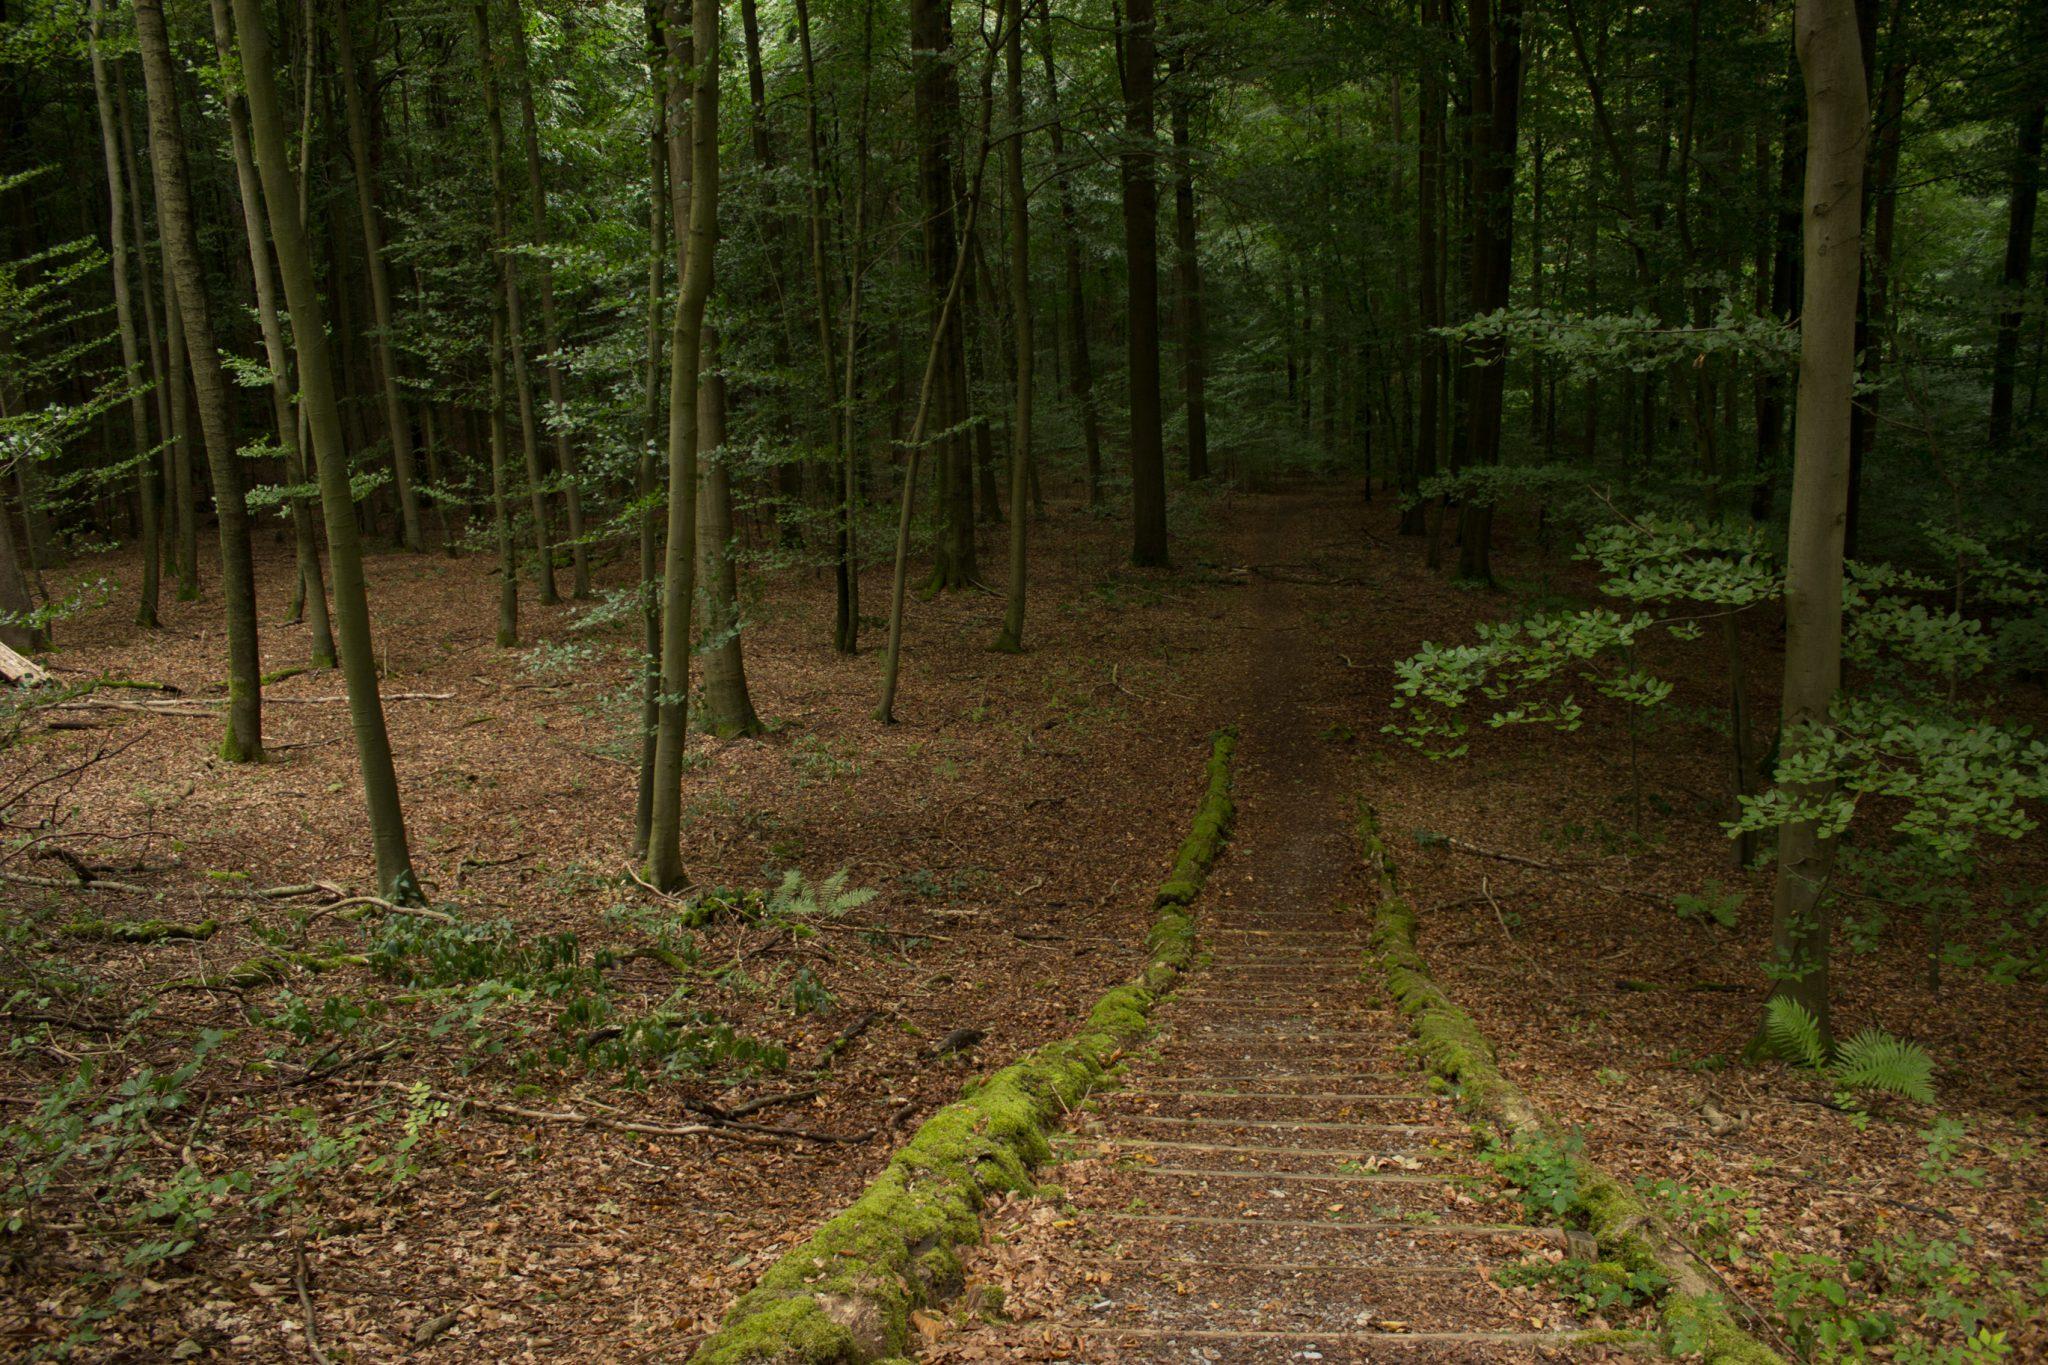 Nationalpark Hainich Saugrabenweg und Betteleichenweg wandern, dichter, ursprünglicher Buchenwald, tolle Atmosphäre, Treppe im Hainich, ansonsten fast keine Änderung von Höhenmetern